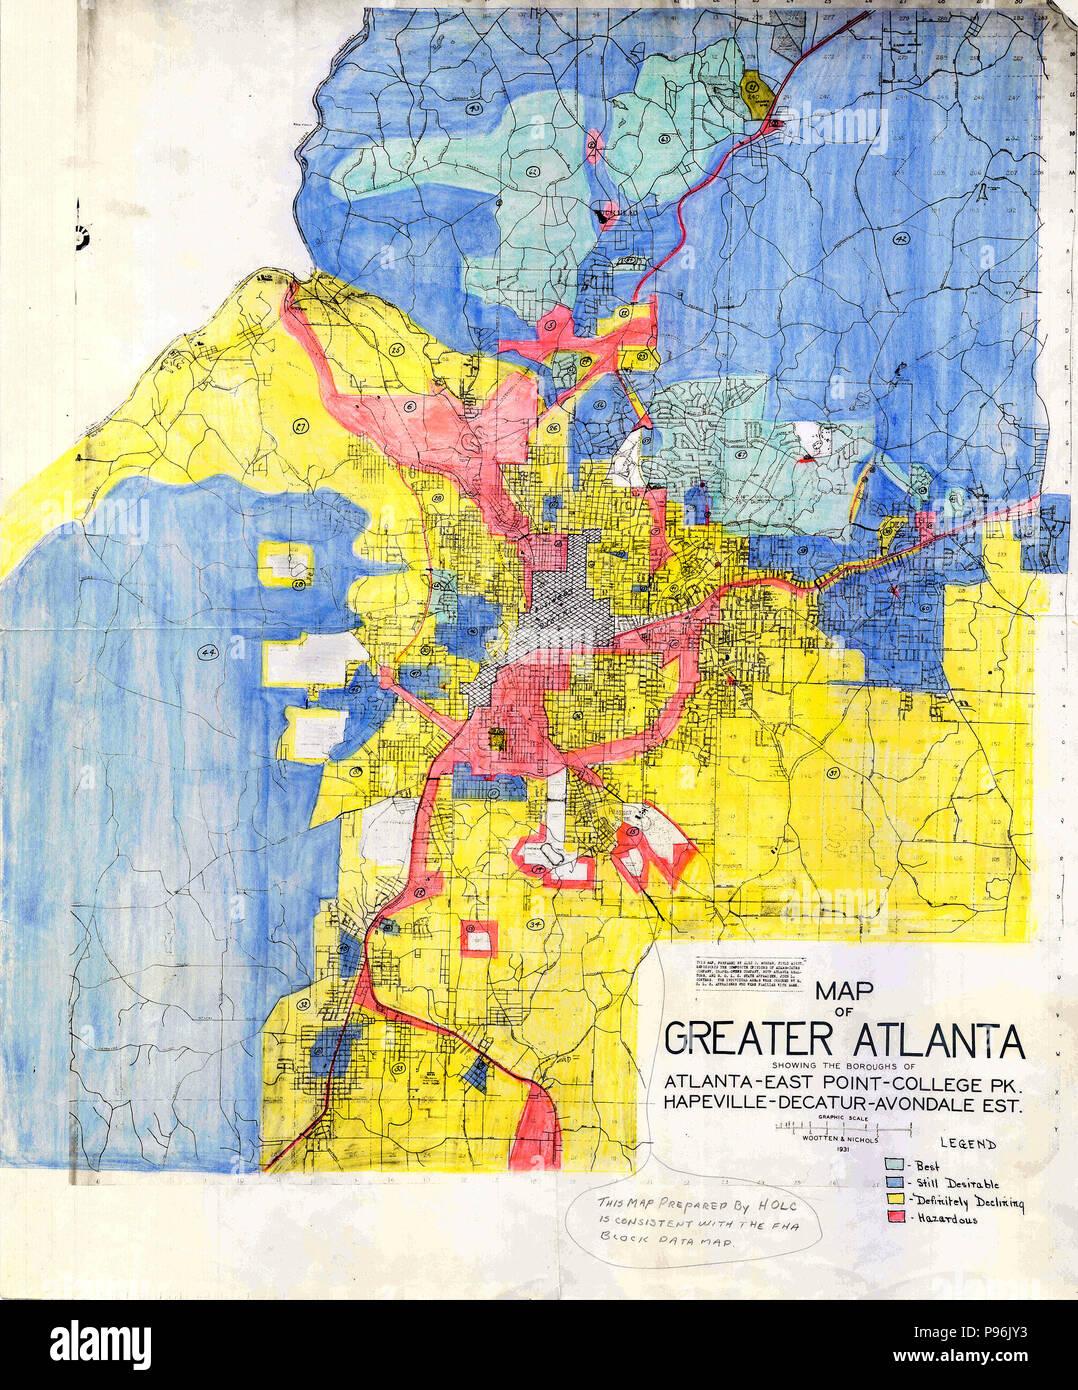 Redline Map For Greater Atlanta Georgia 1930s Stock Photo